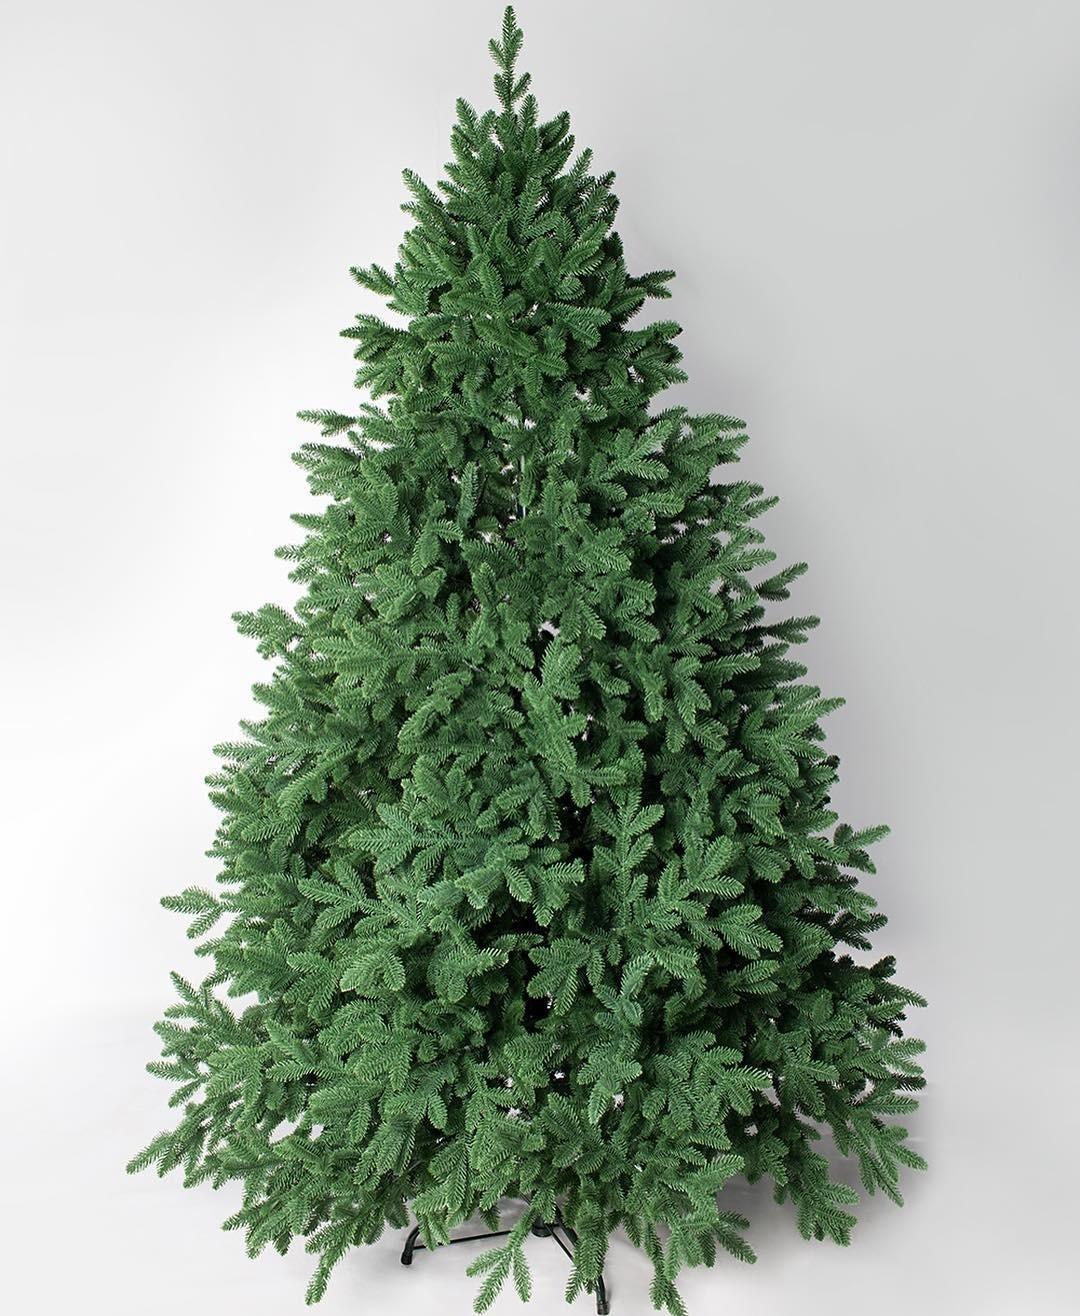 Сегодня искусственные елки выглядят не хуже настоящих. А аромат хвои можно добавить с помощью свечей